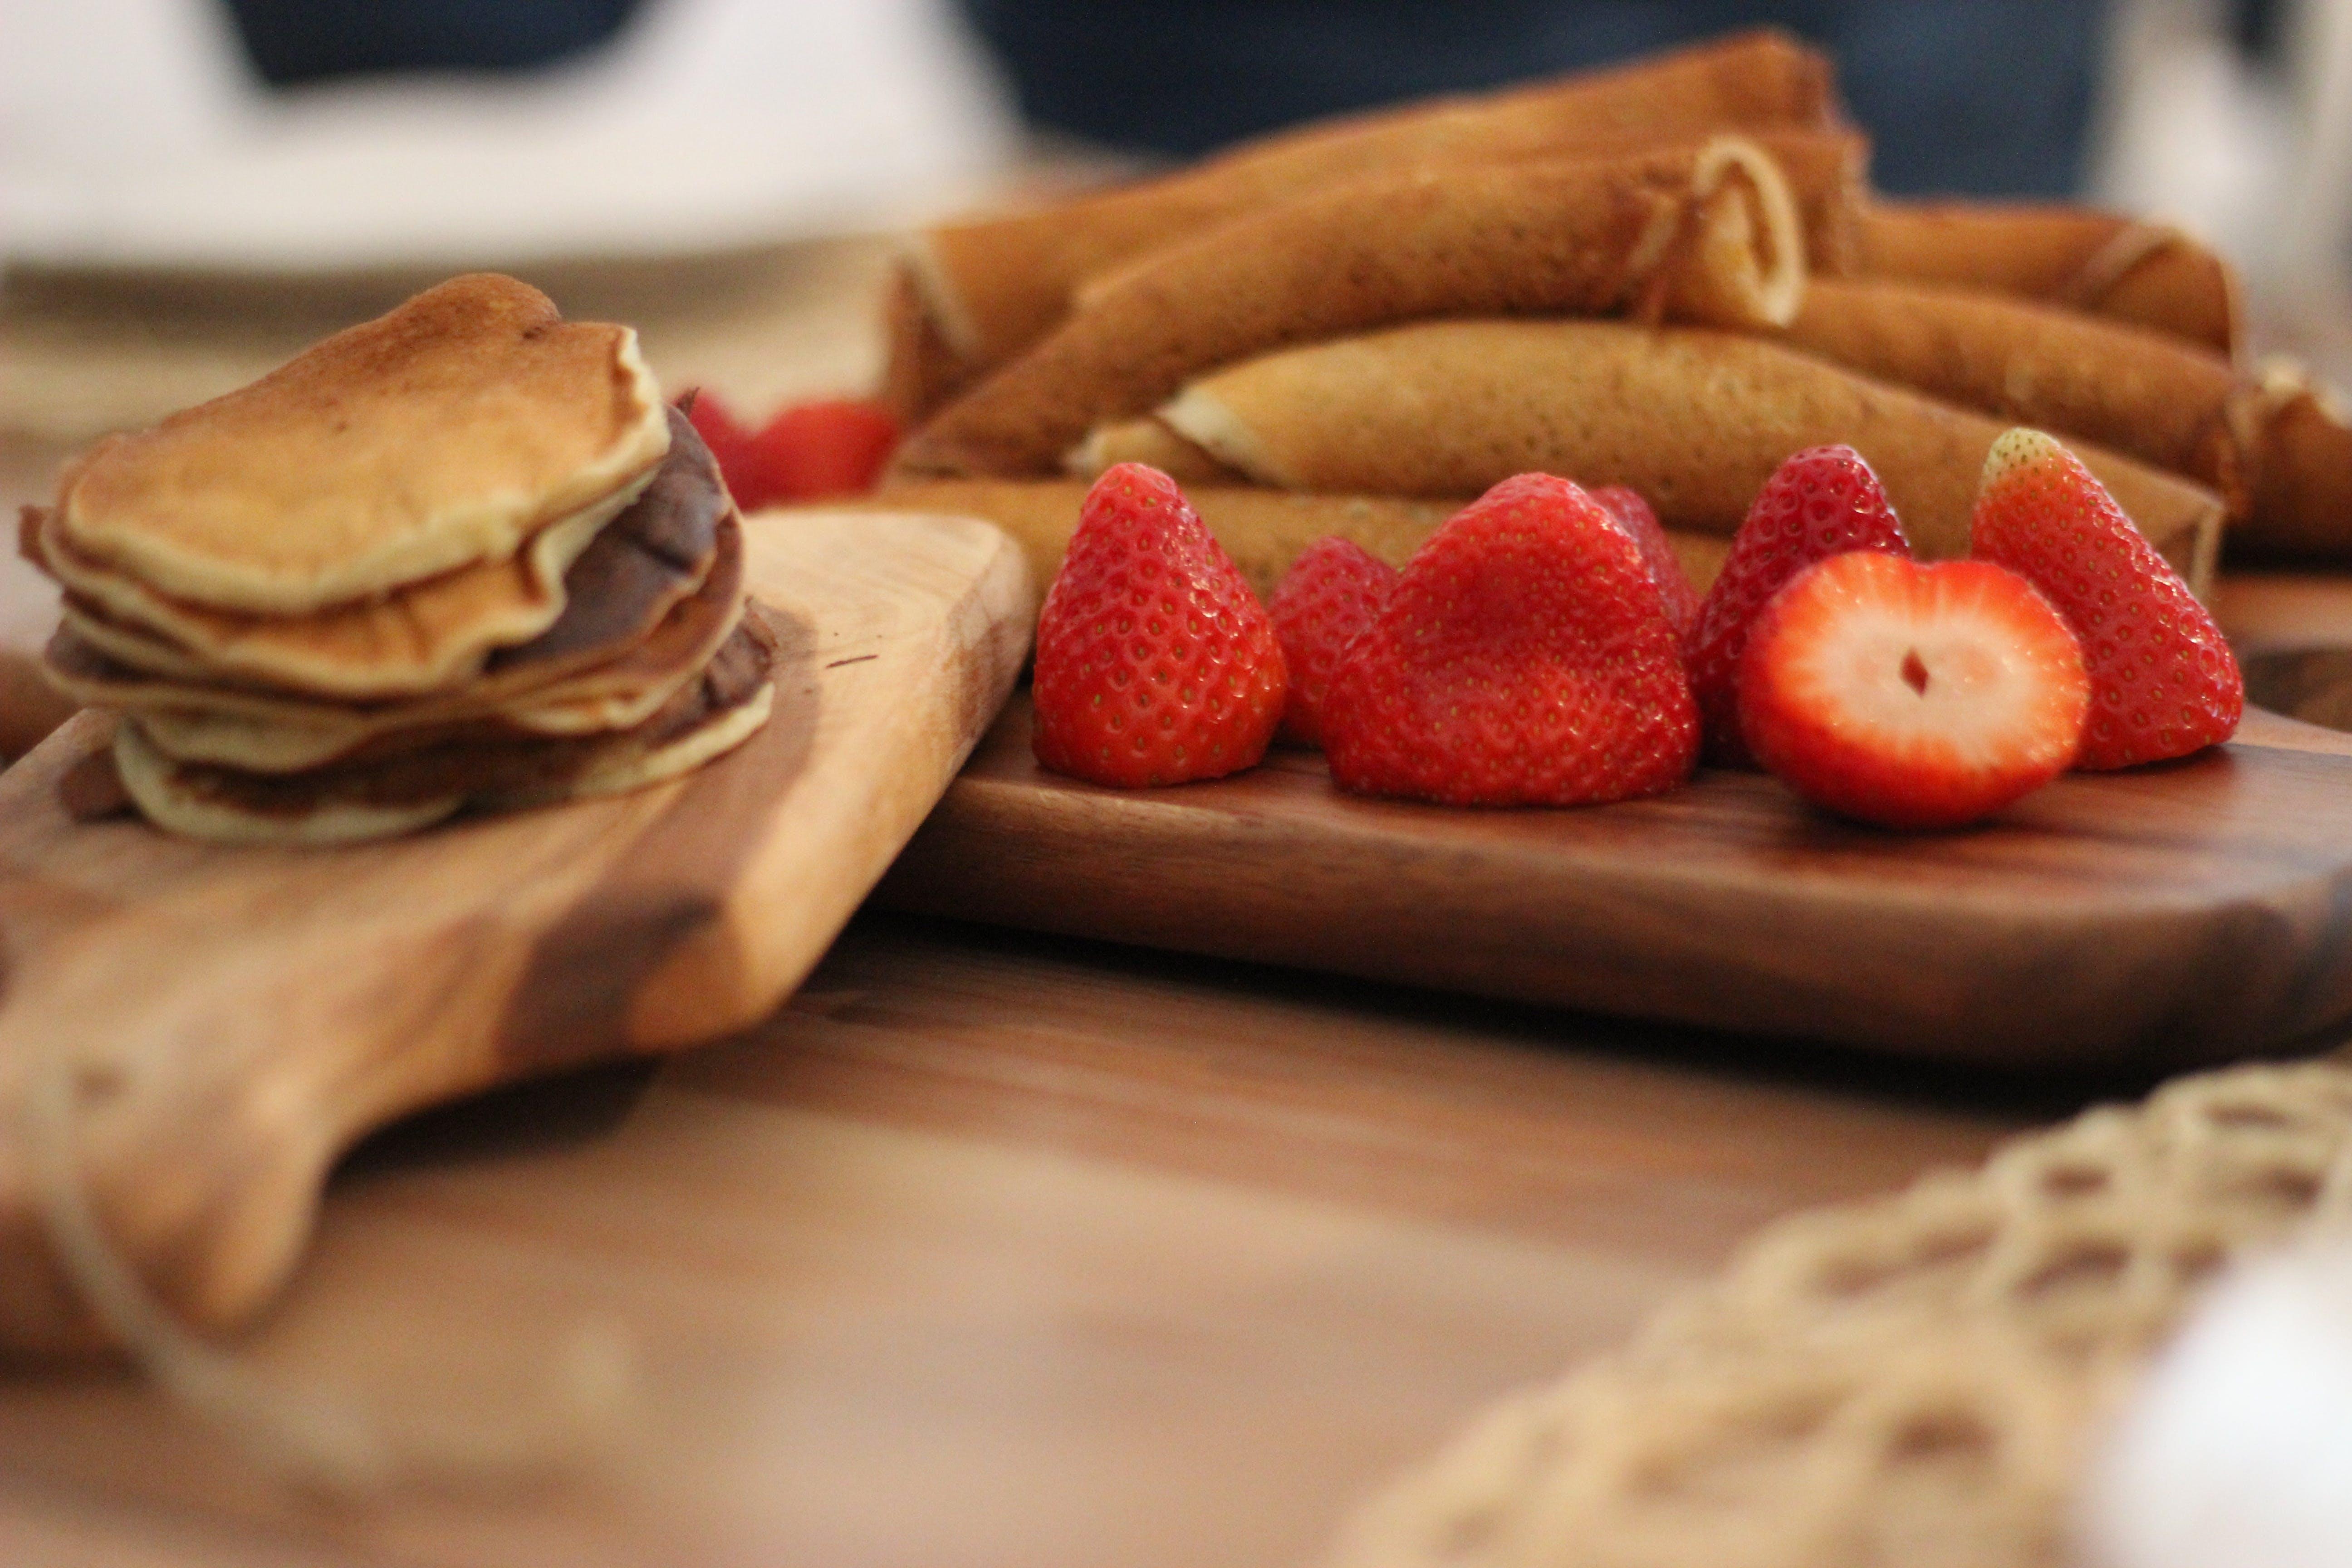 健康, 可丽饼, 可口的, 吃 的 免费素材照片